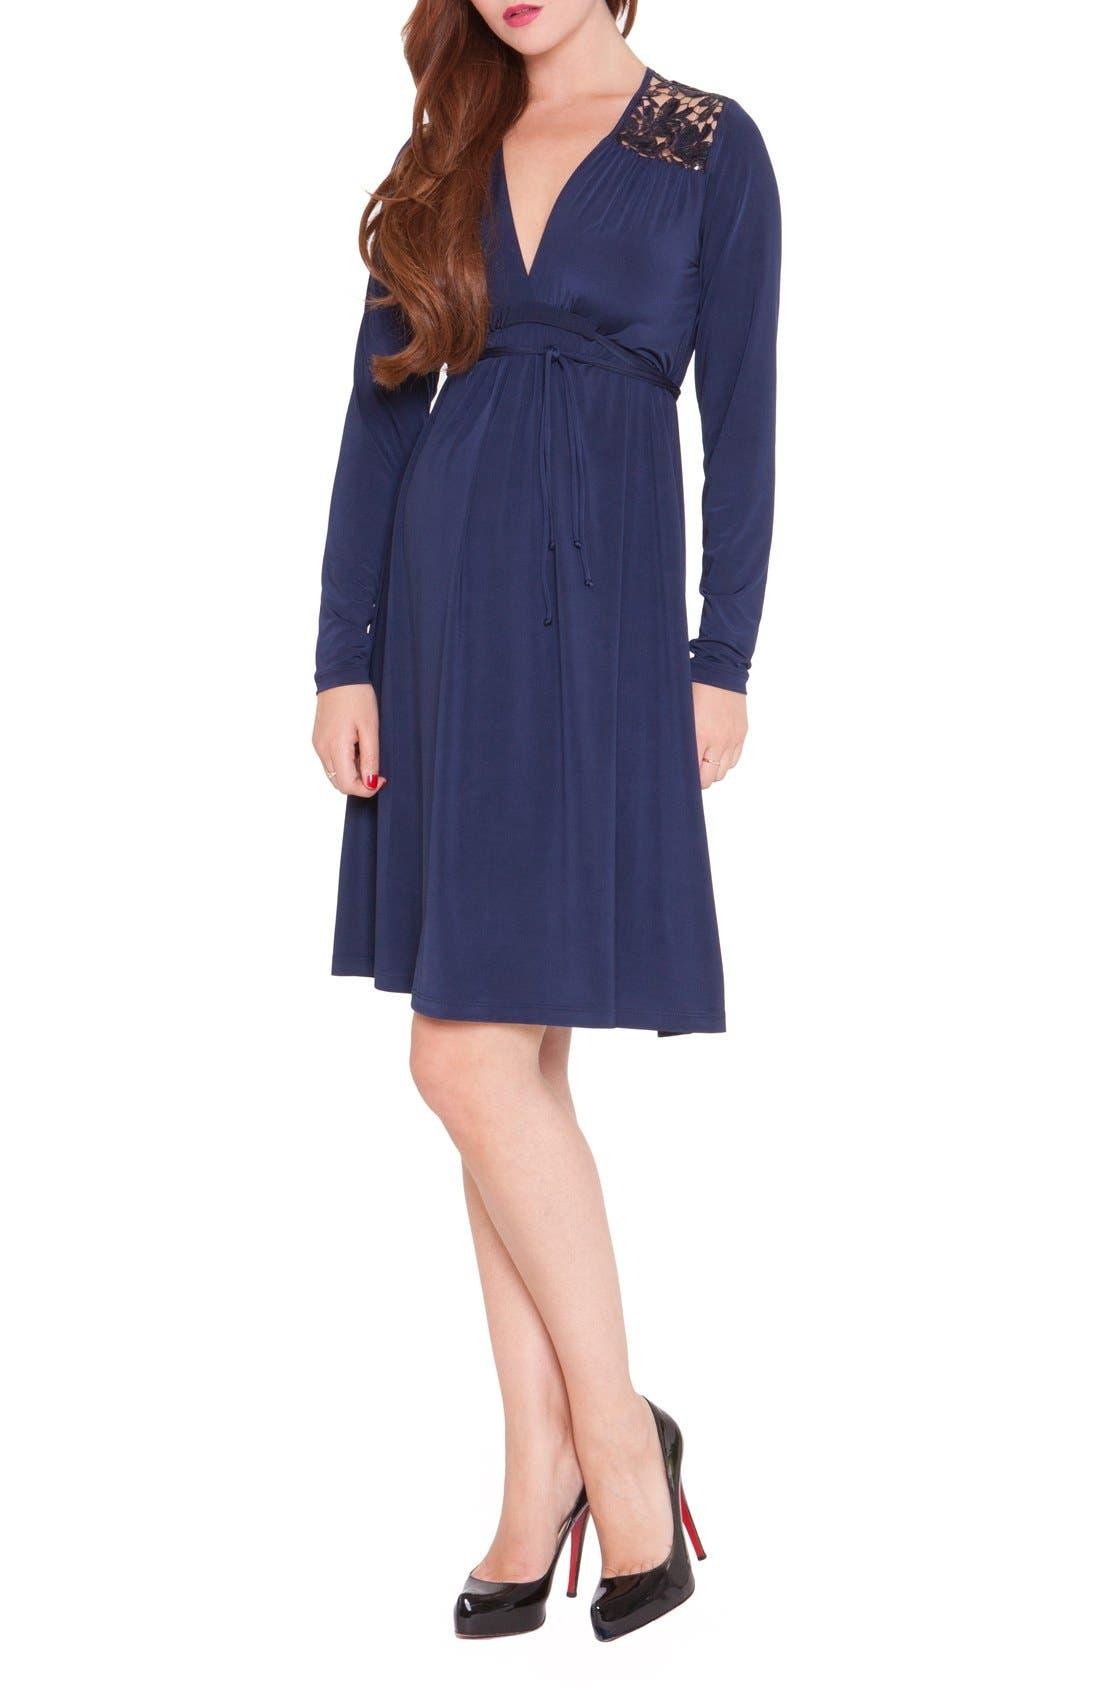 OLIAN 'Angelina' Maternity Dress